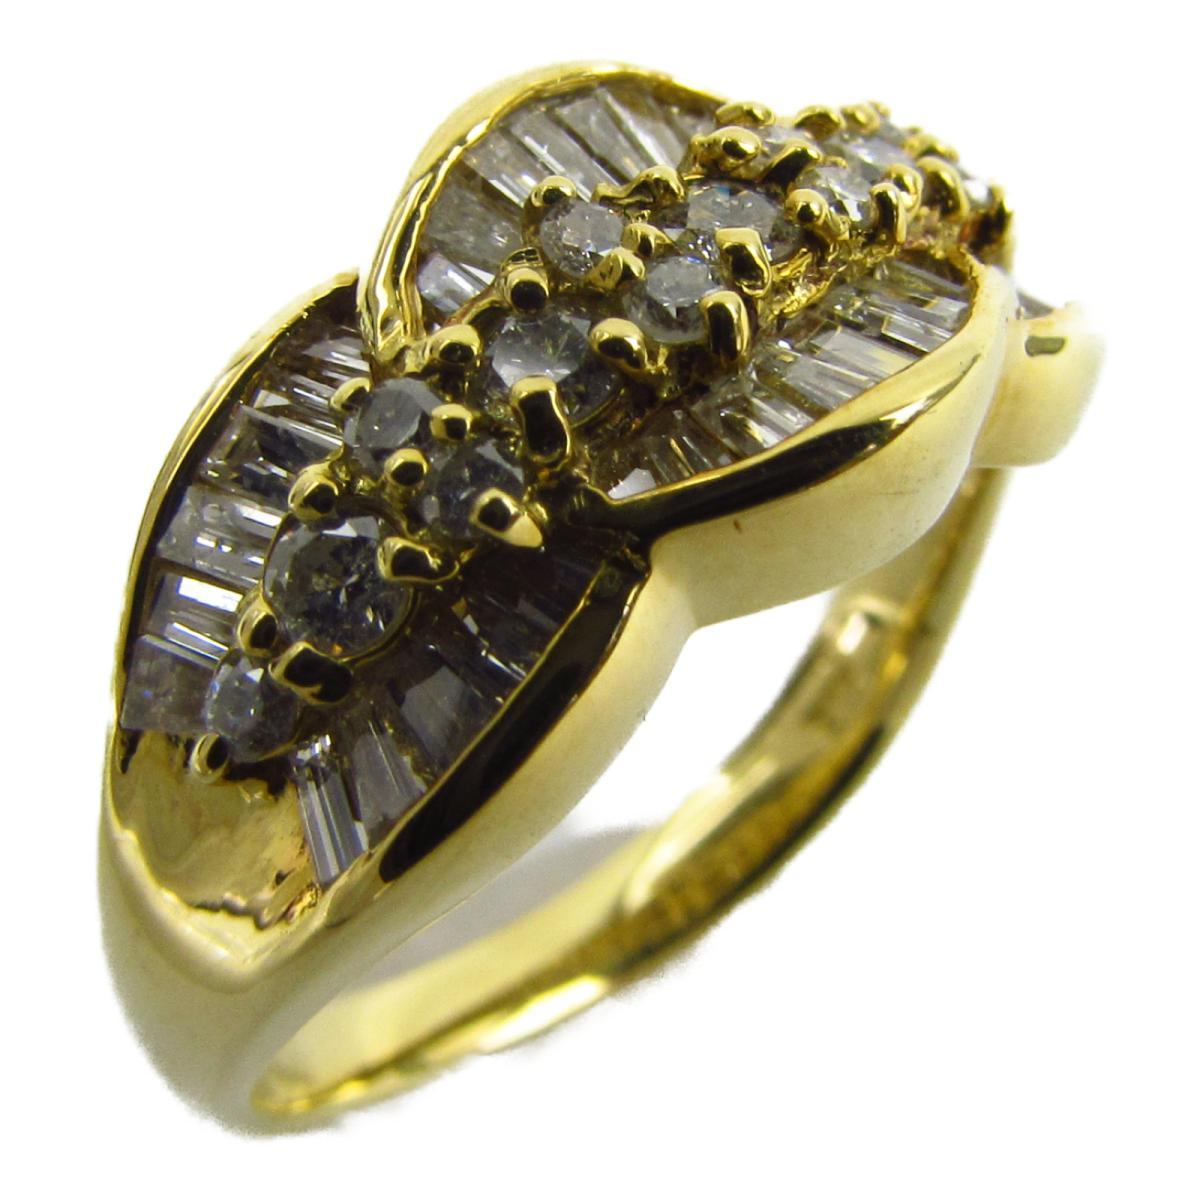 ジュエリー ダイヤモンド リング 指輪 ノーブランドジュエリー レディース K18YG (750) イエローゴールド x ダイヤモンド石目なし 【中古】 | JEWELRY BRANDOFF ブランドオフ アクセサリー